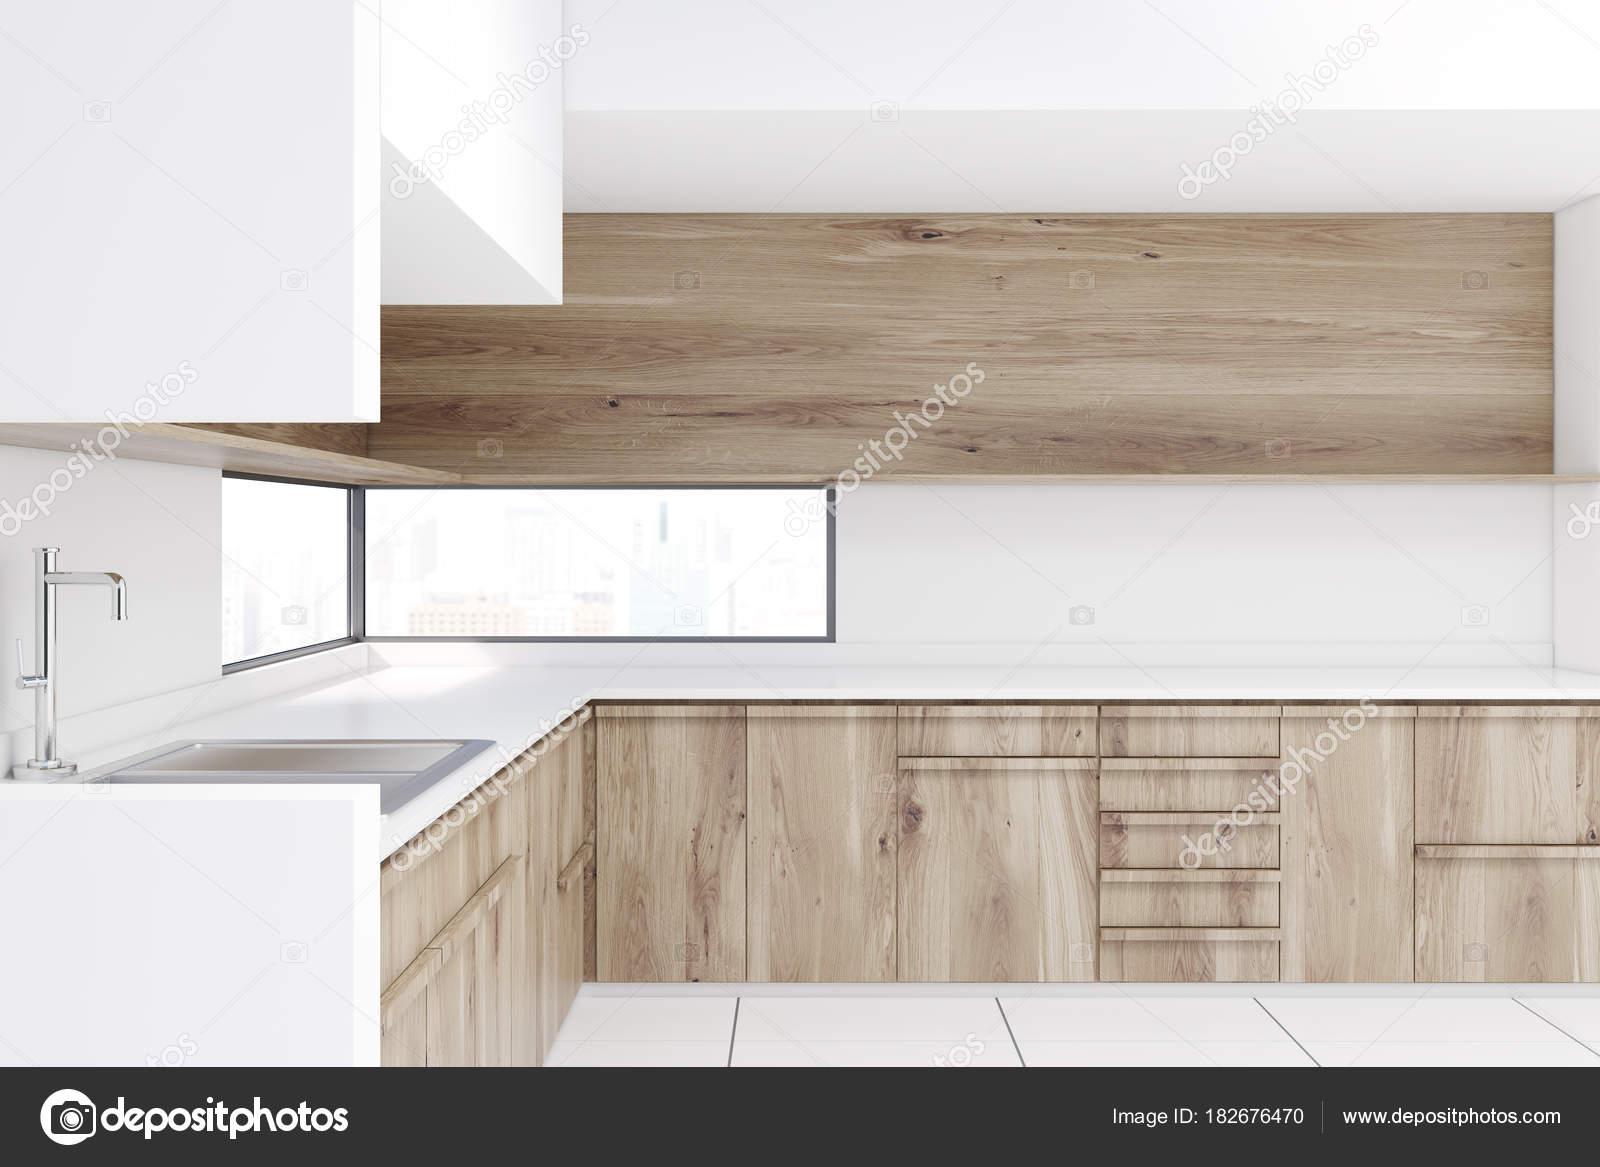 Weiße Küche Interieur, Holz-Arbeitsplatten, bar — Stockfoto ...